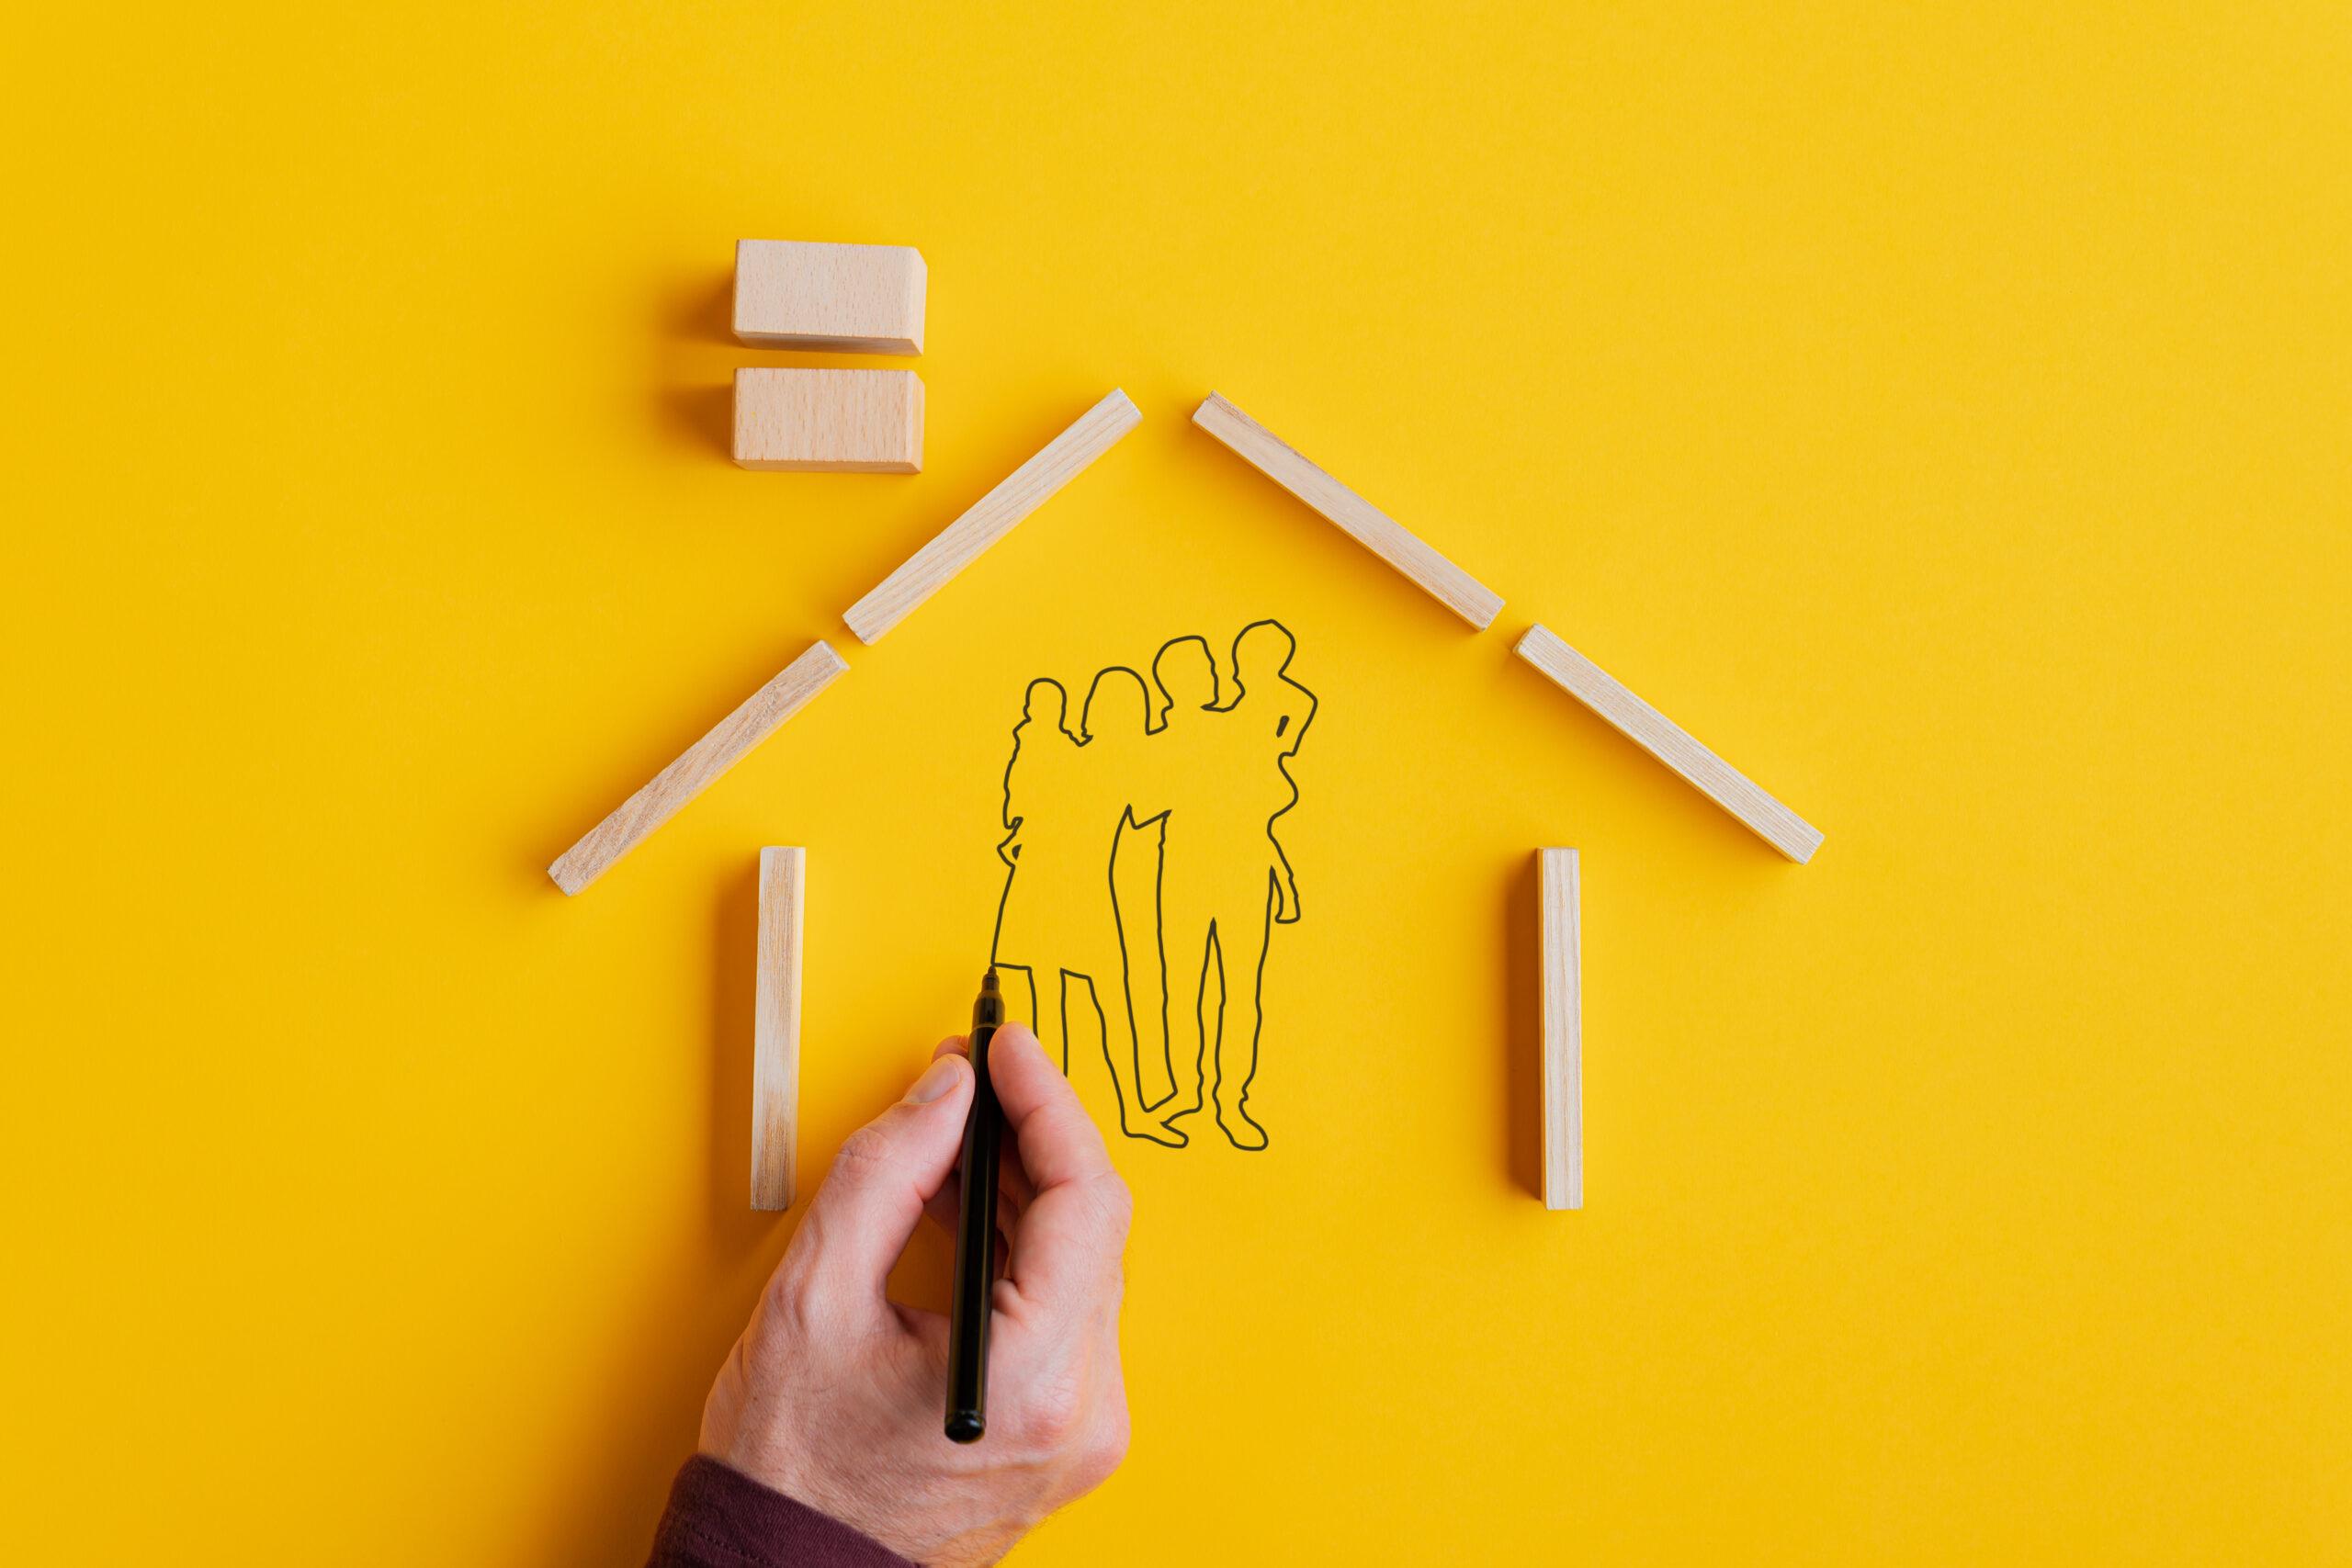 賃貸オーナーが知っておくべき新型コロナウイルス関連の家賃補助制度